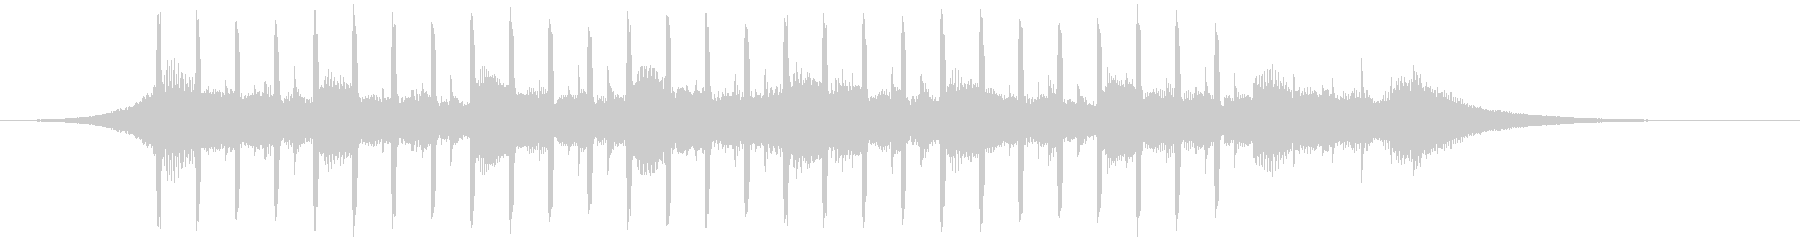 ヘルスケア(ショート2)の未再生の波形